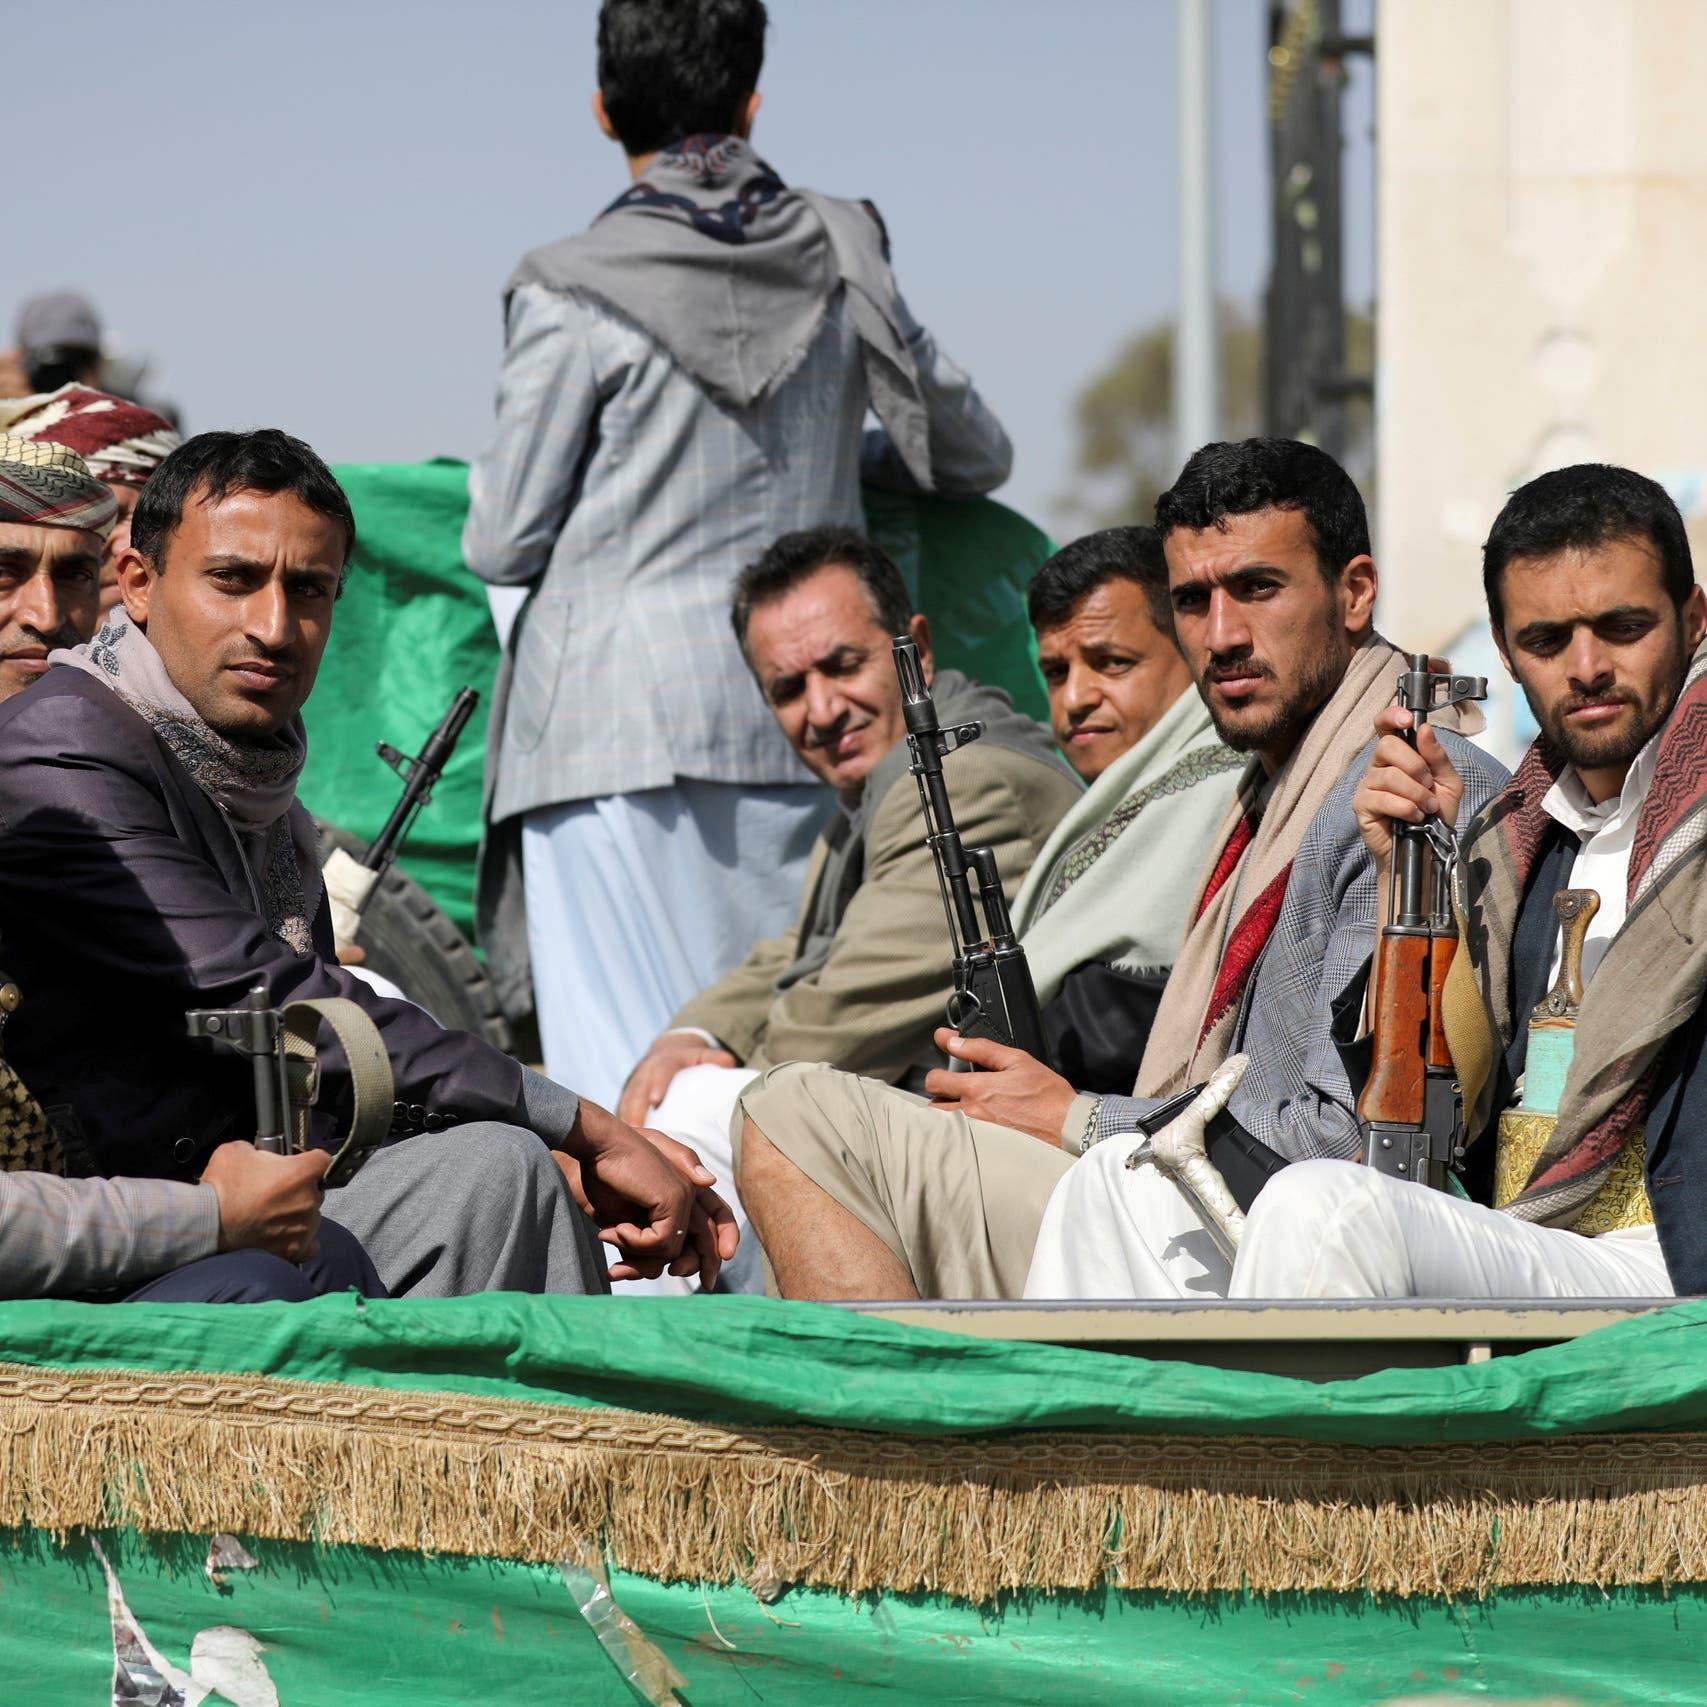 اليمن.. ميليشيات الحوثي تفصل 900 ضابط لاستبدالهم بموالين